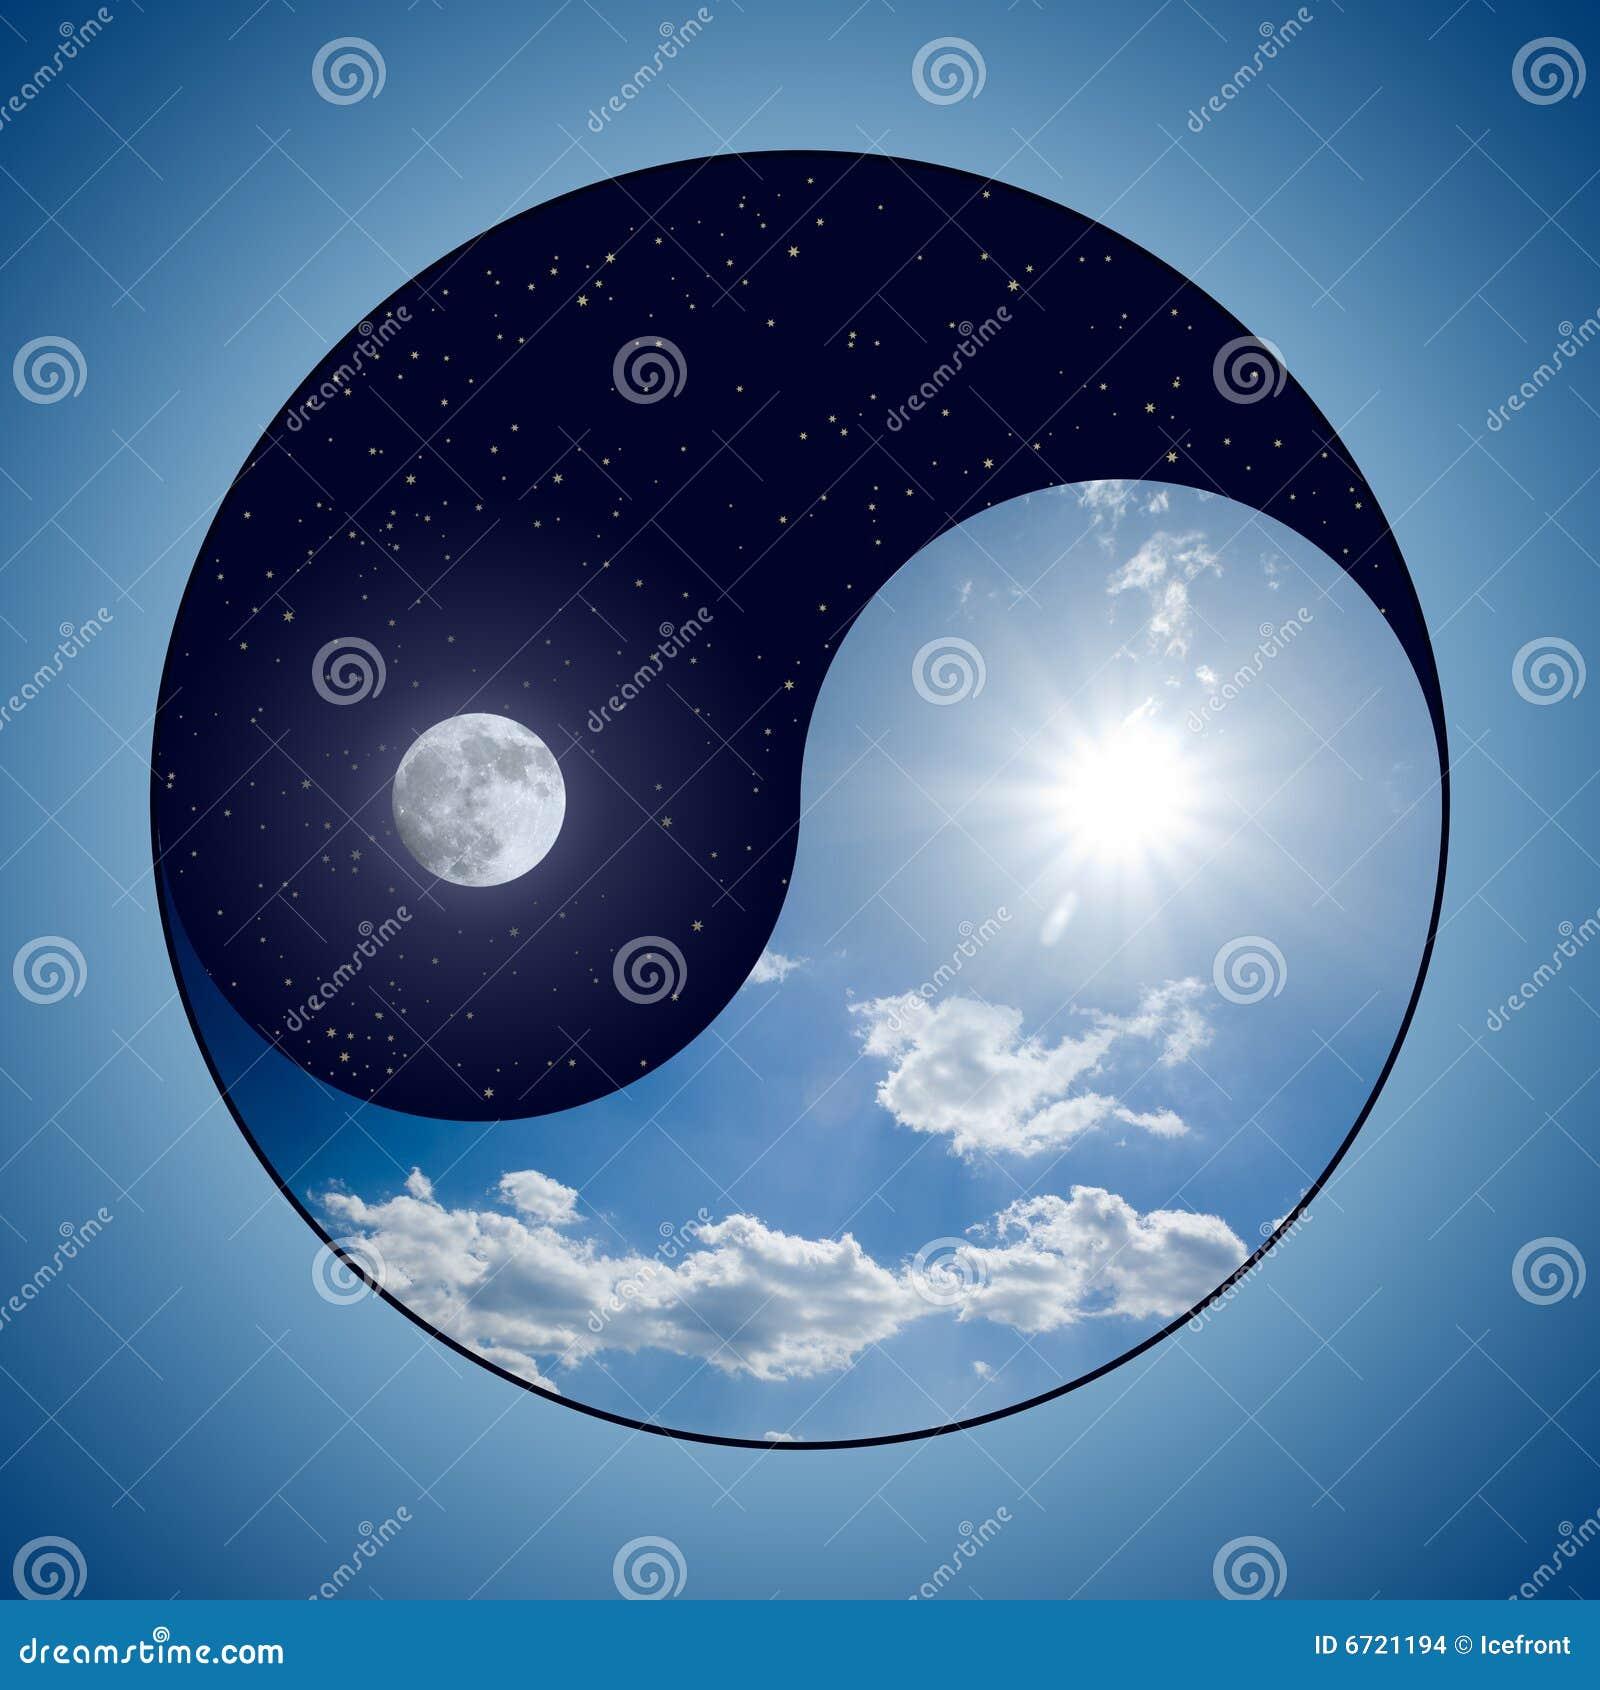 Yin & Yang - dia & noite